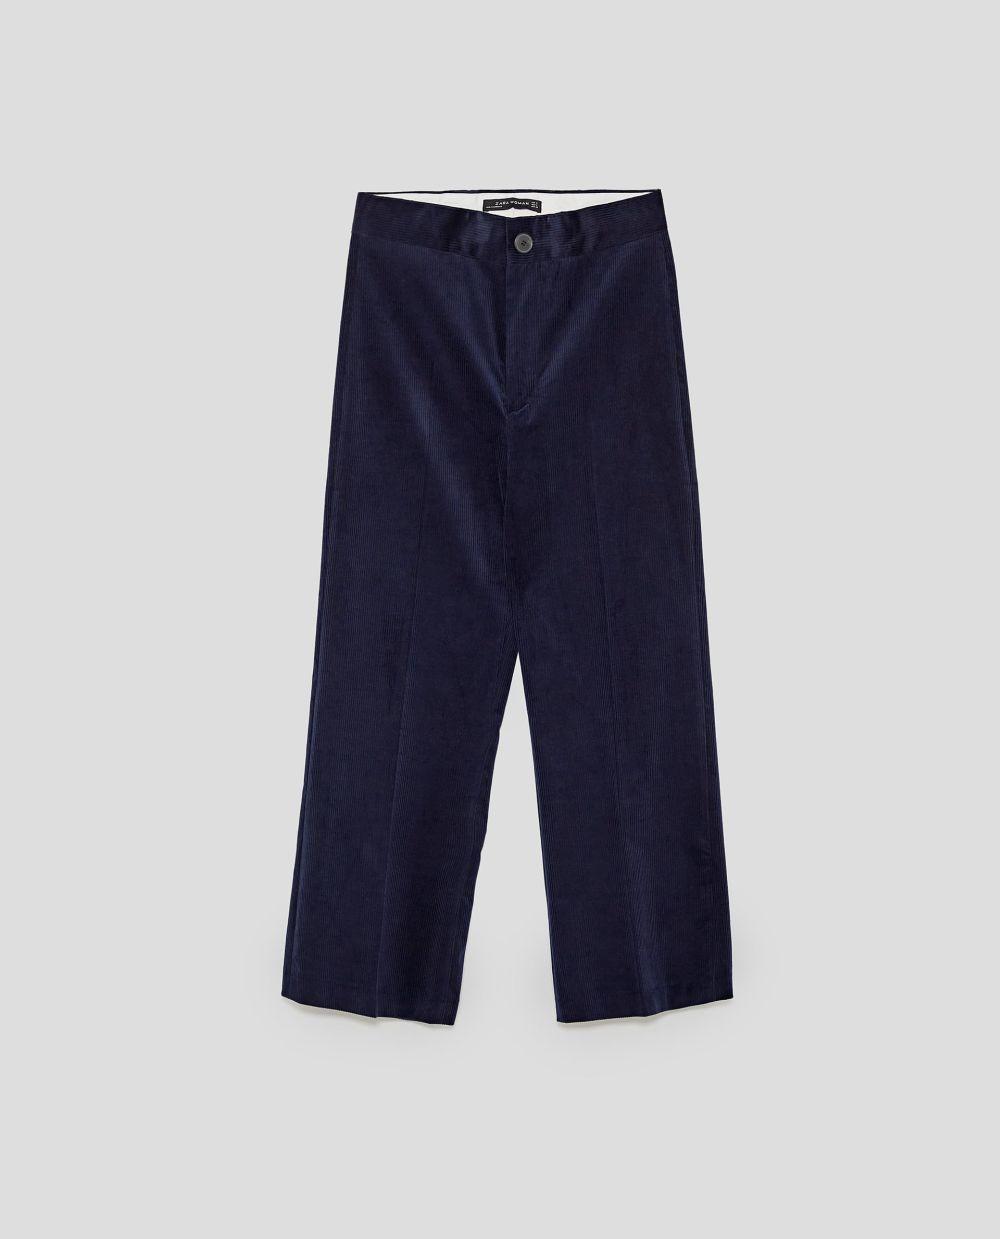 Culotte pana de Zara (19,99 euros)